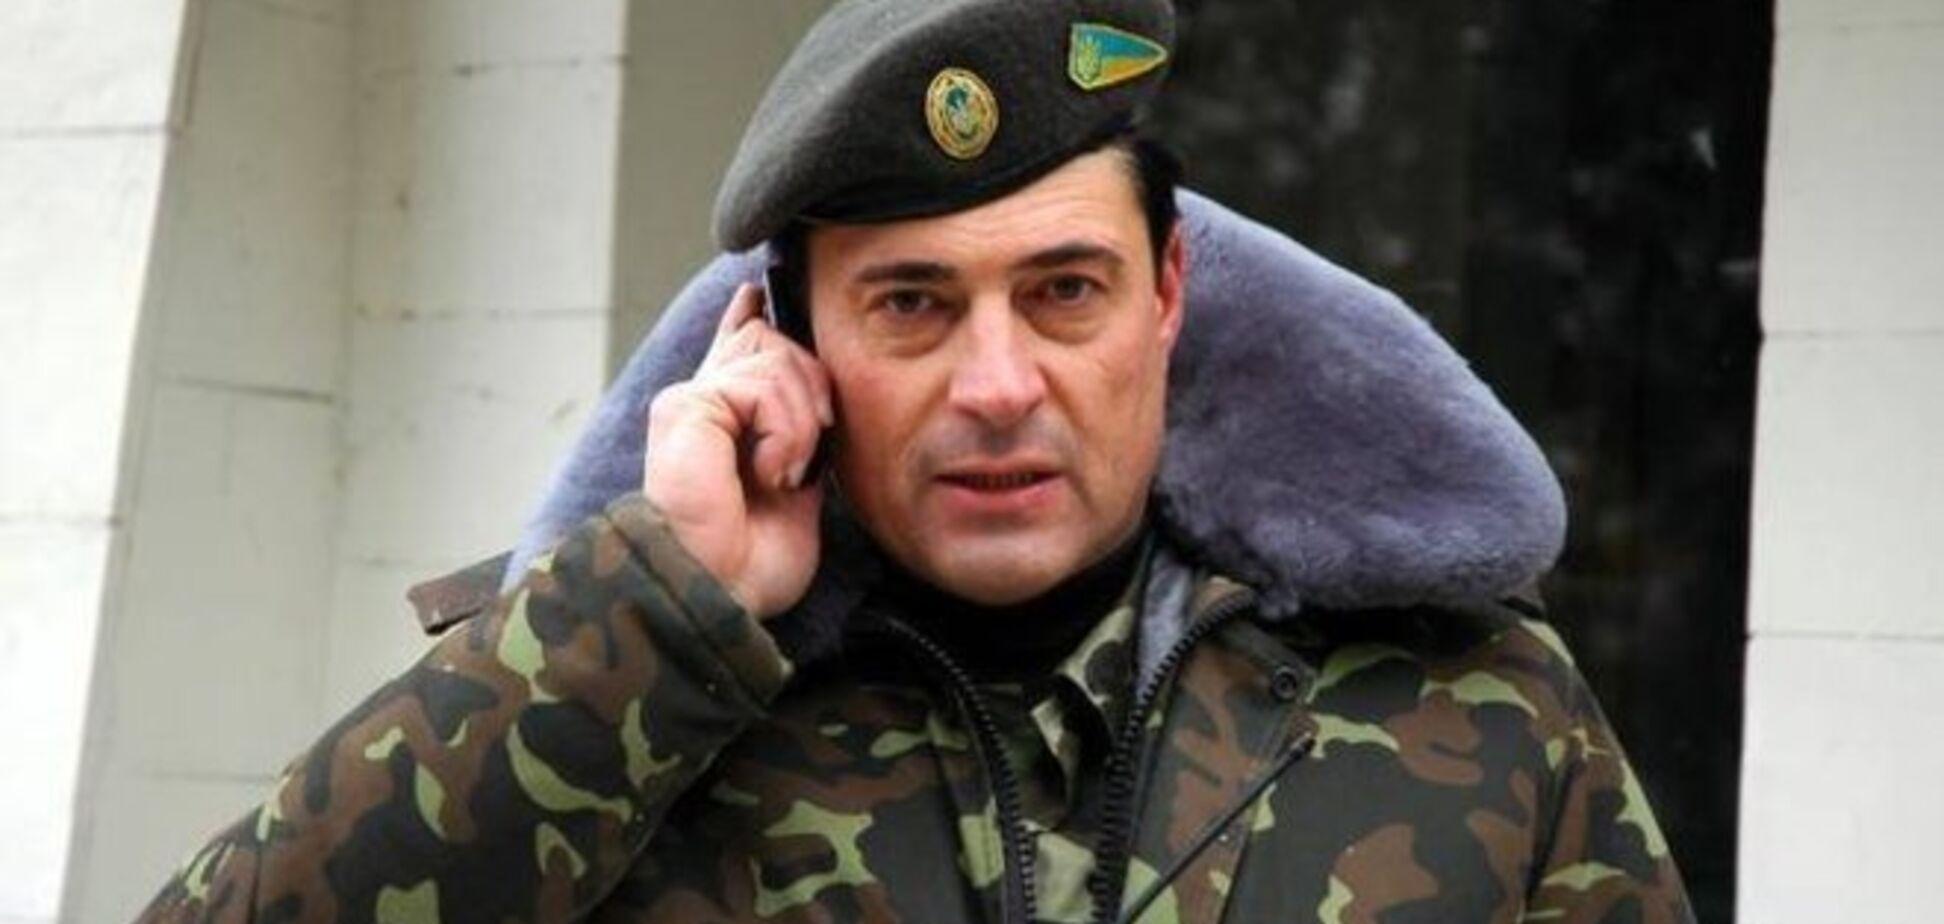 ЗМІ: звільнено офіцер Генштабу ВС: за родинні зв'язки c екс-міністром оборони